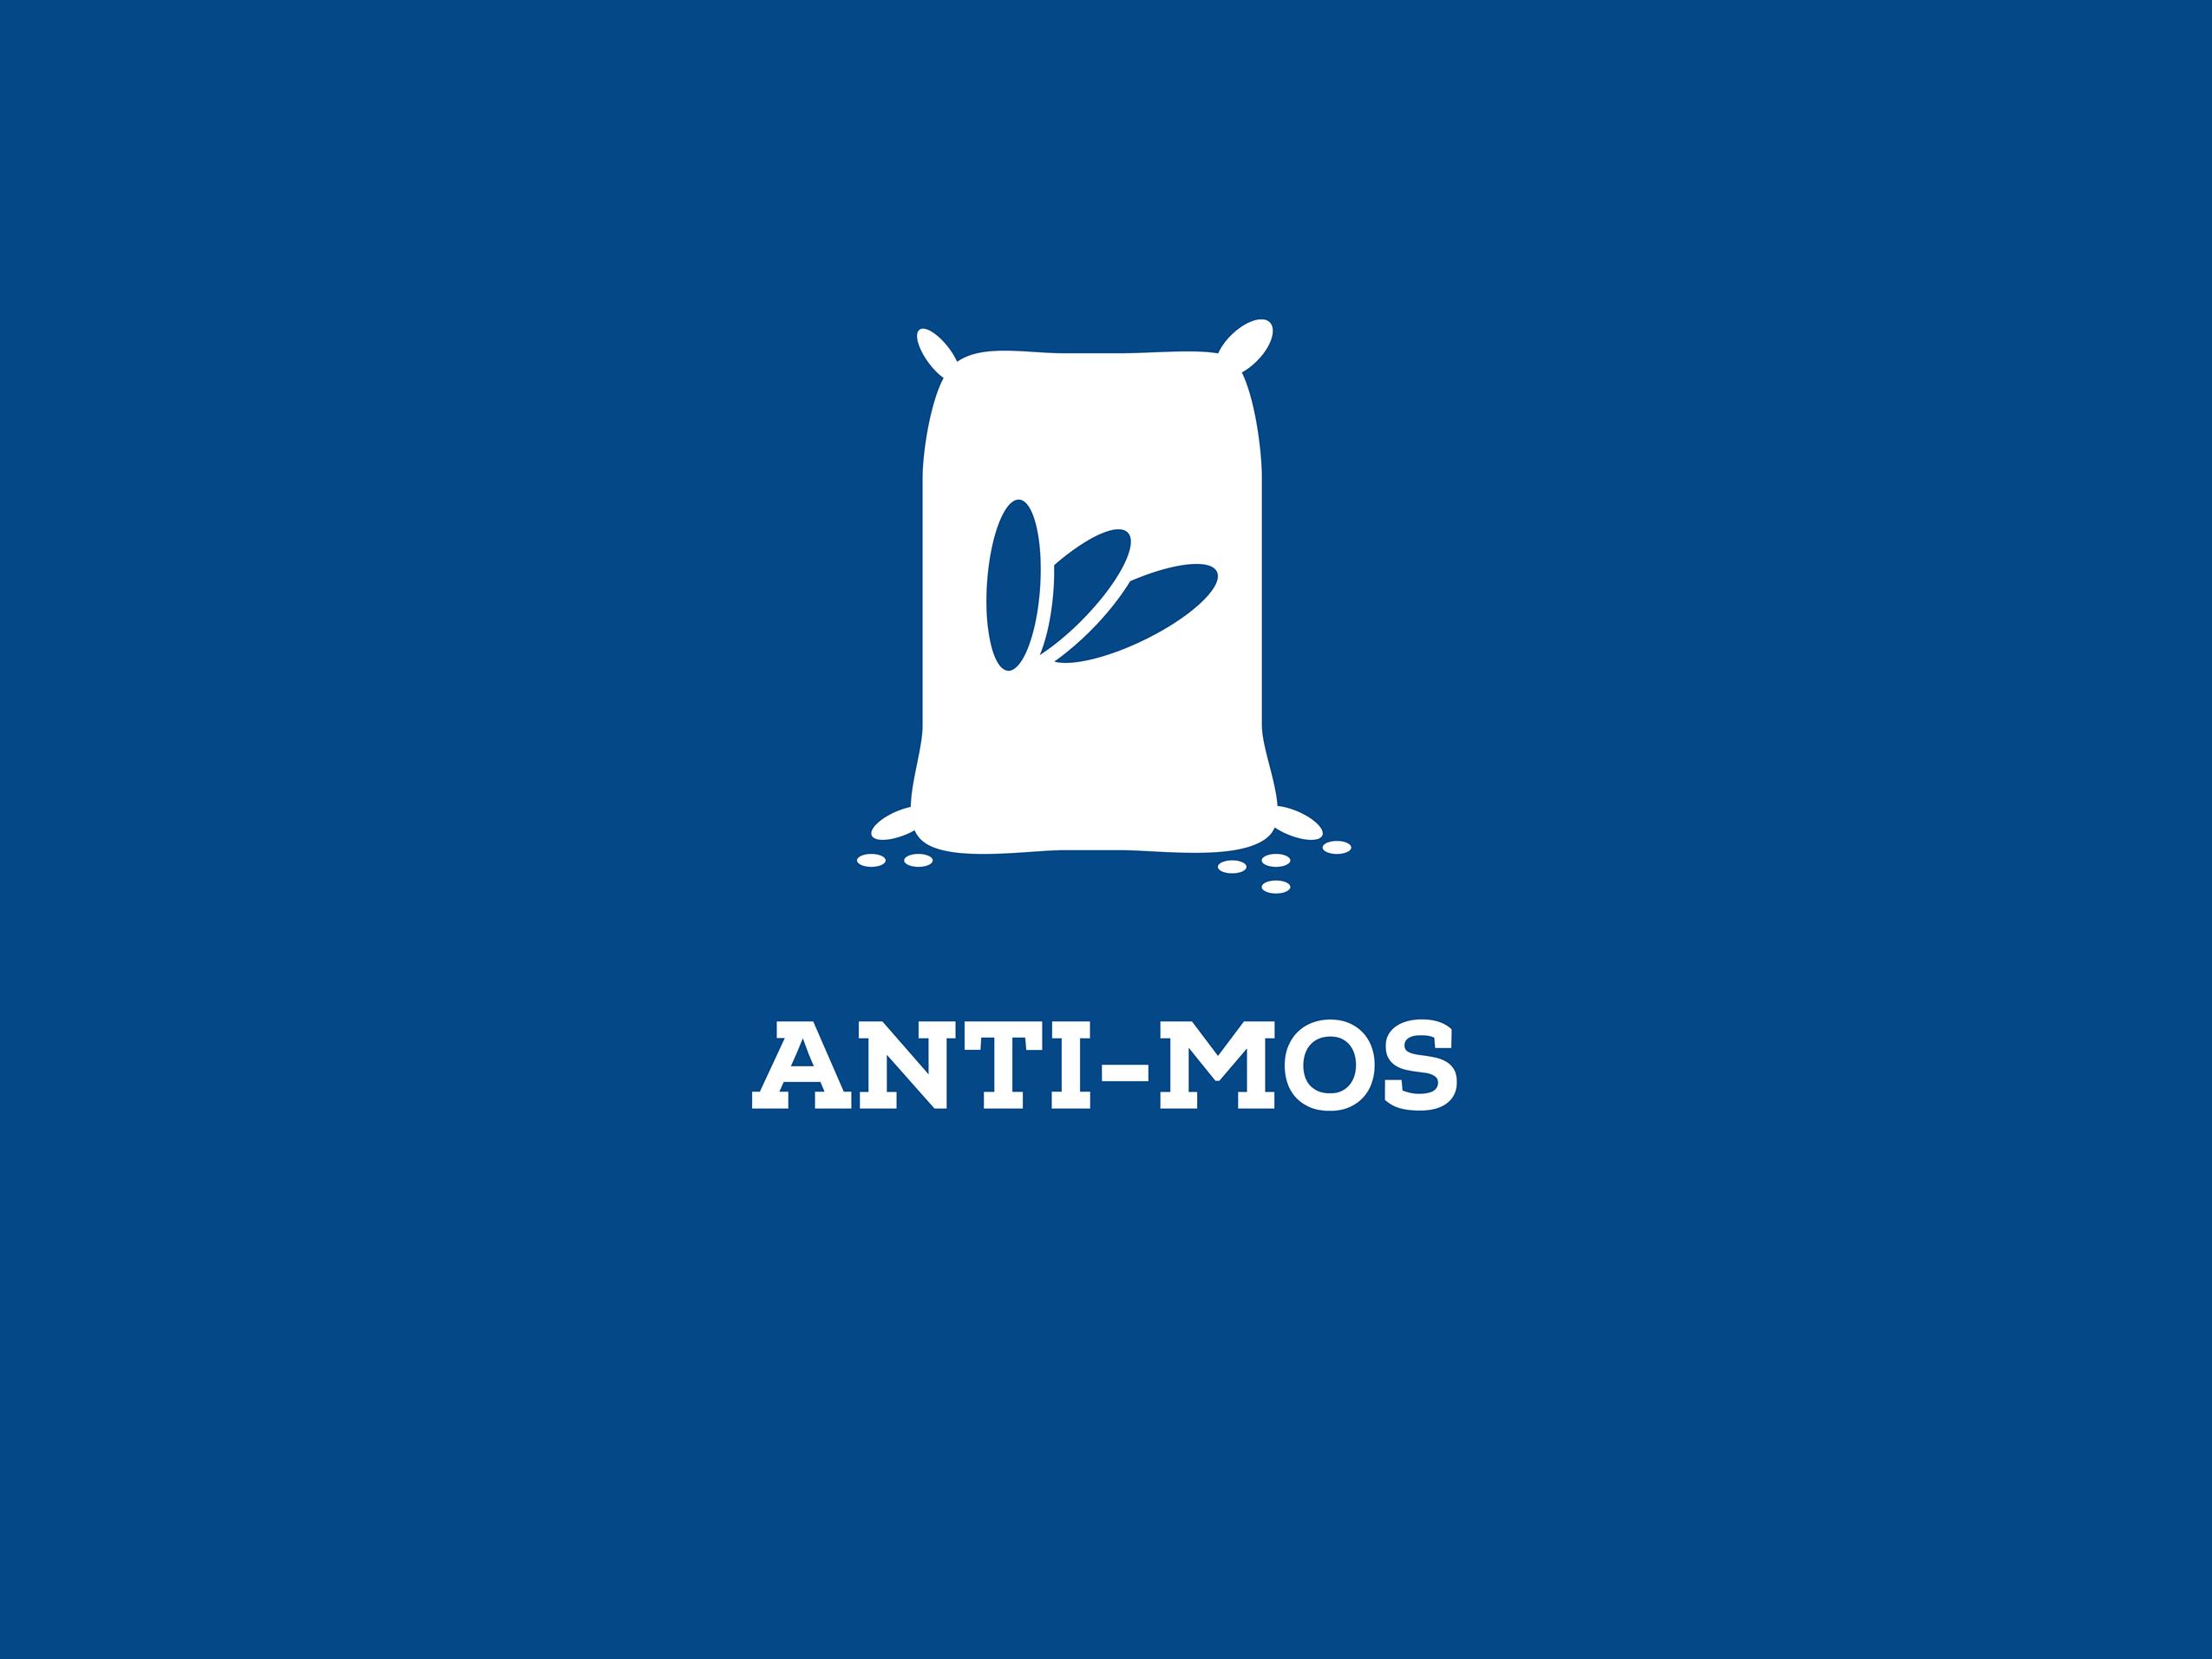 Anti-mos